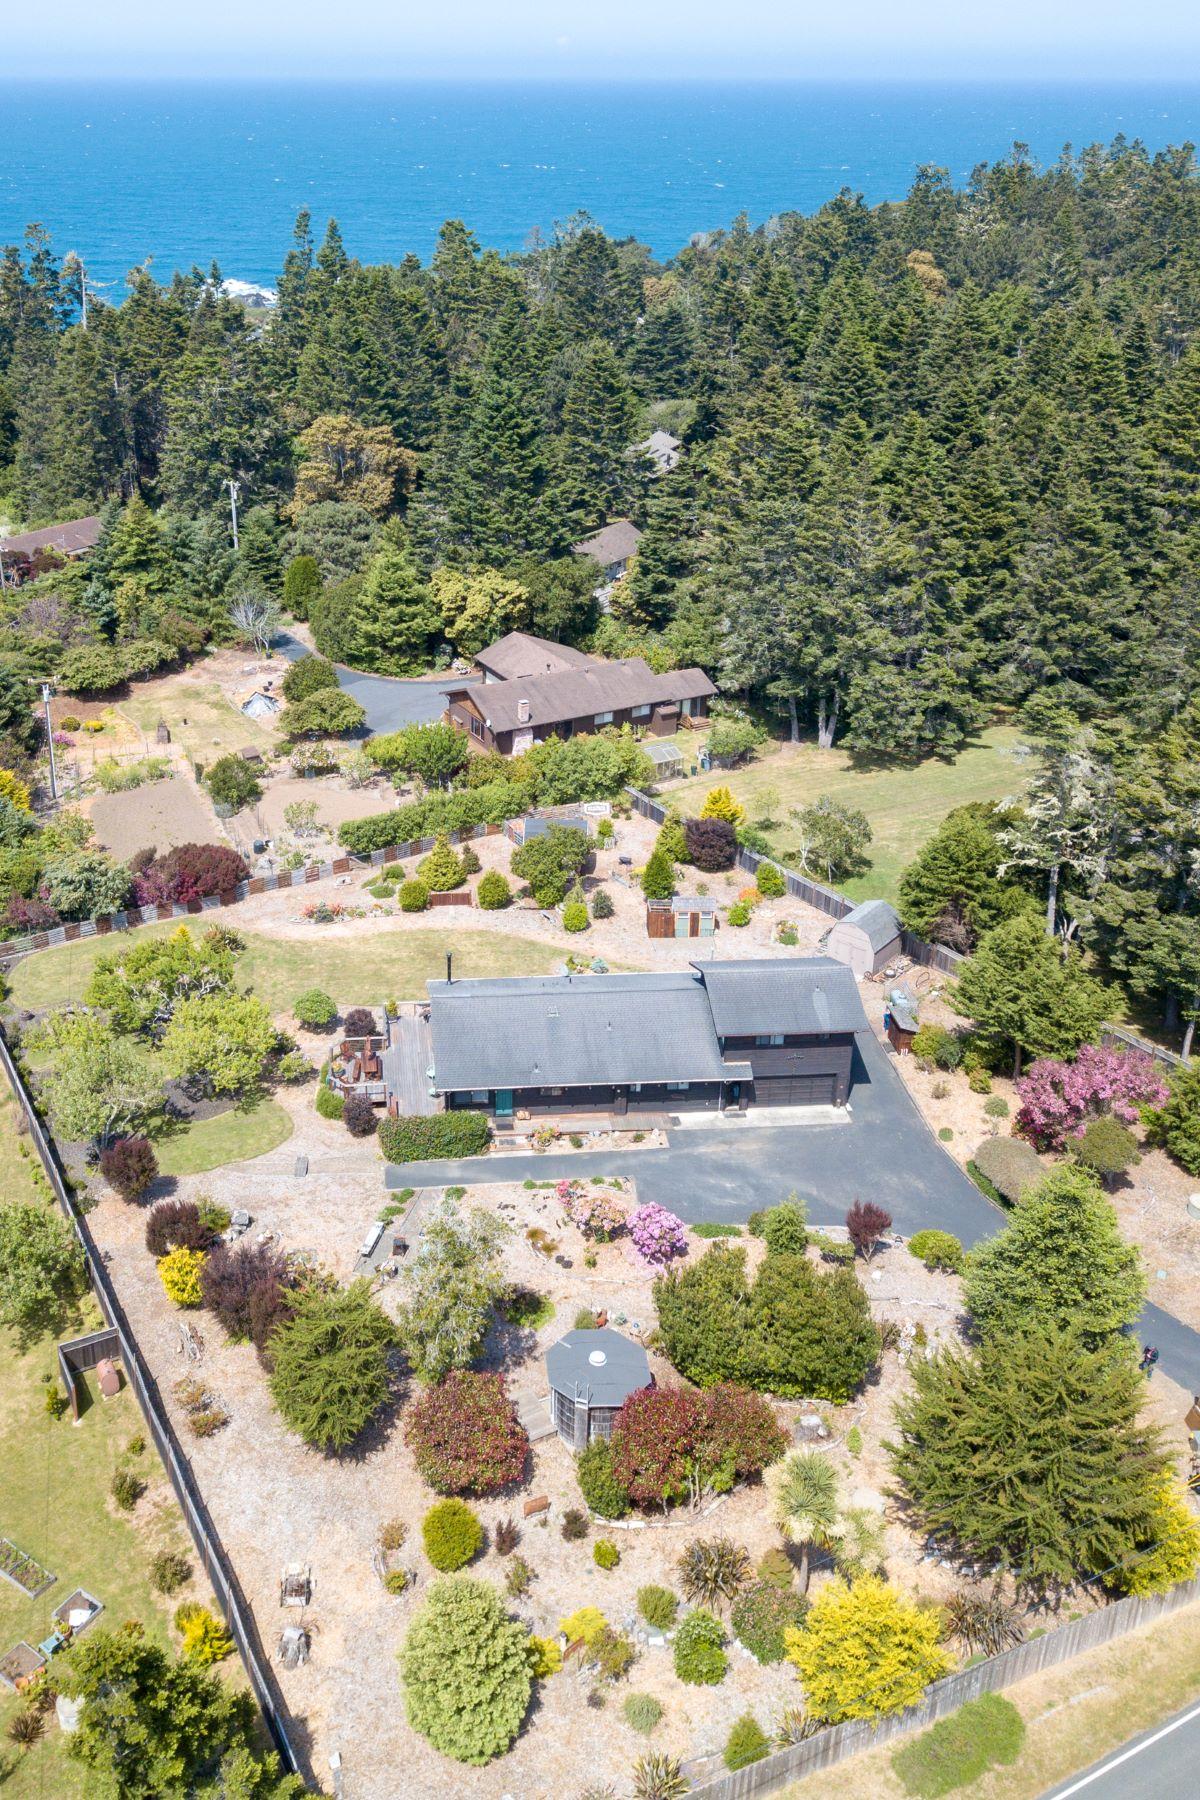 Single Family Home for Sale at Mendocino Coastal Home 13150 Point Cabrillo Drive Mendocino, California 95460 United States